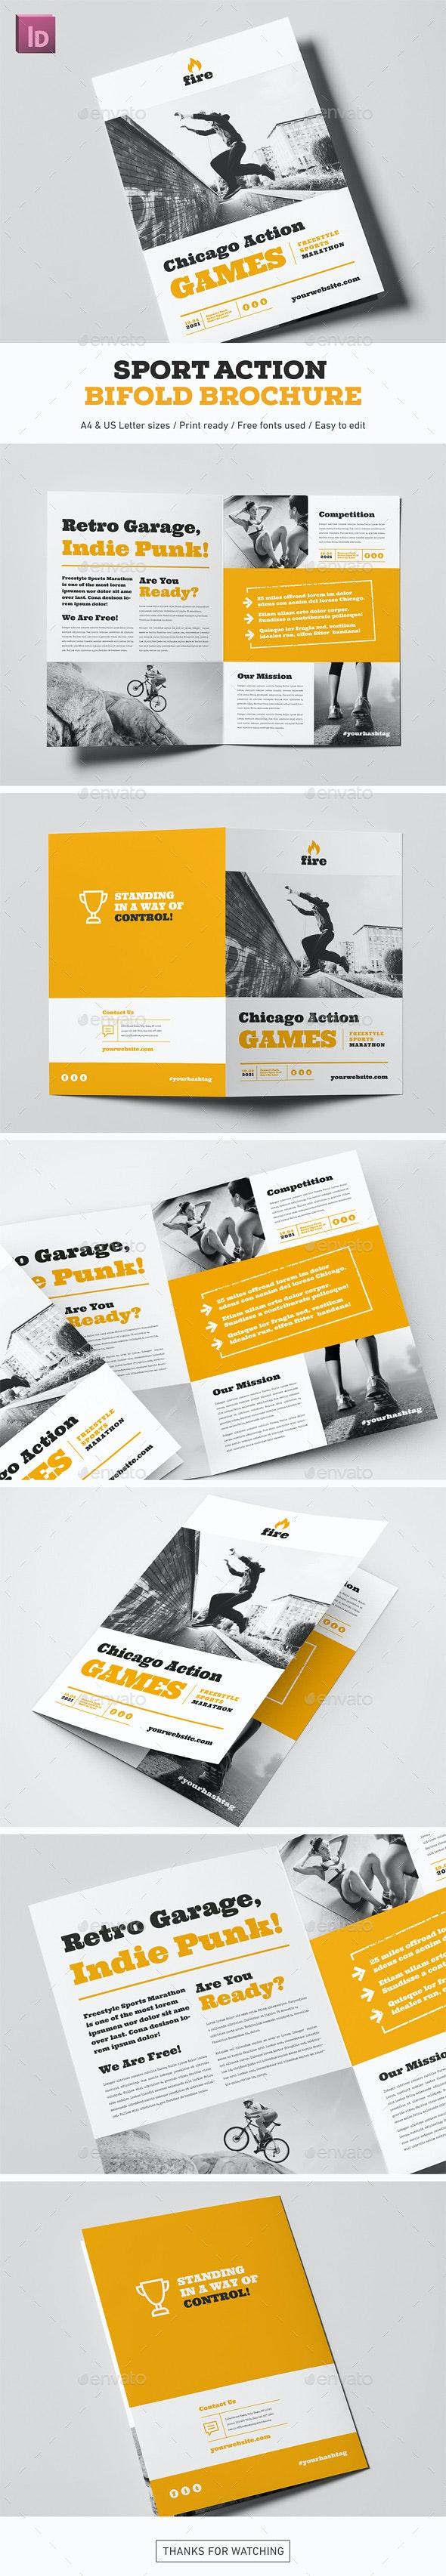 Sport Action Bifold Brochure - Brochures Print Templates